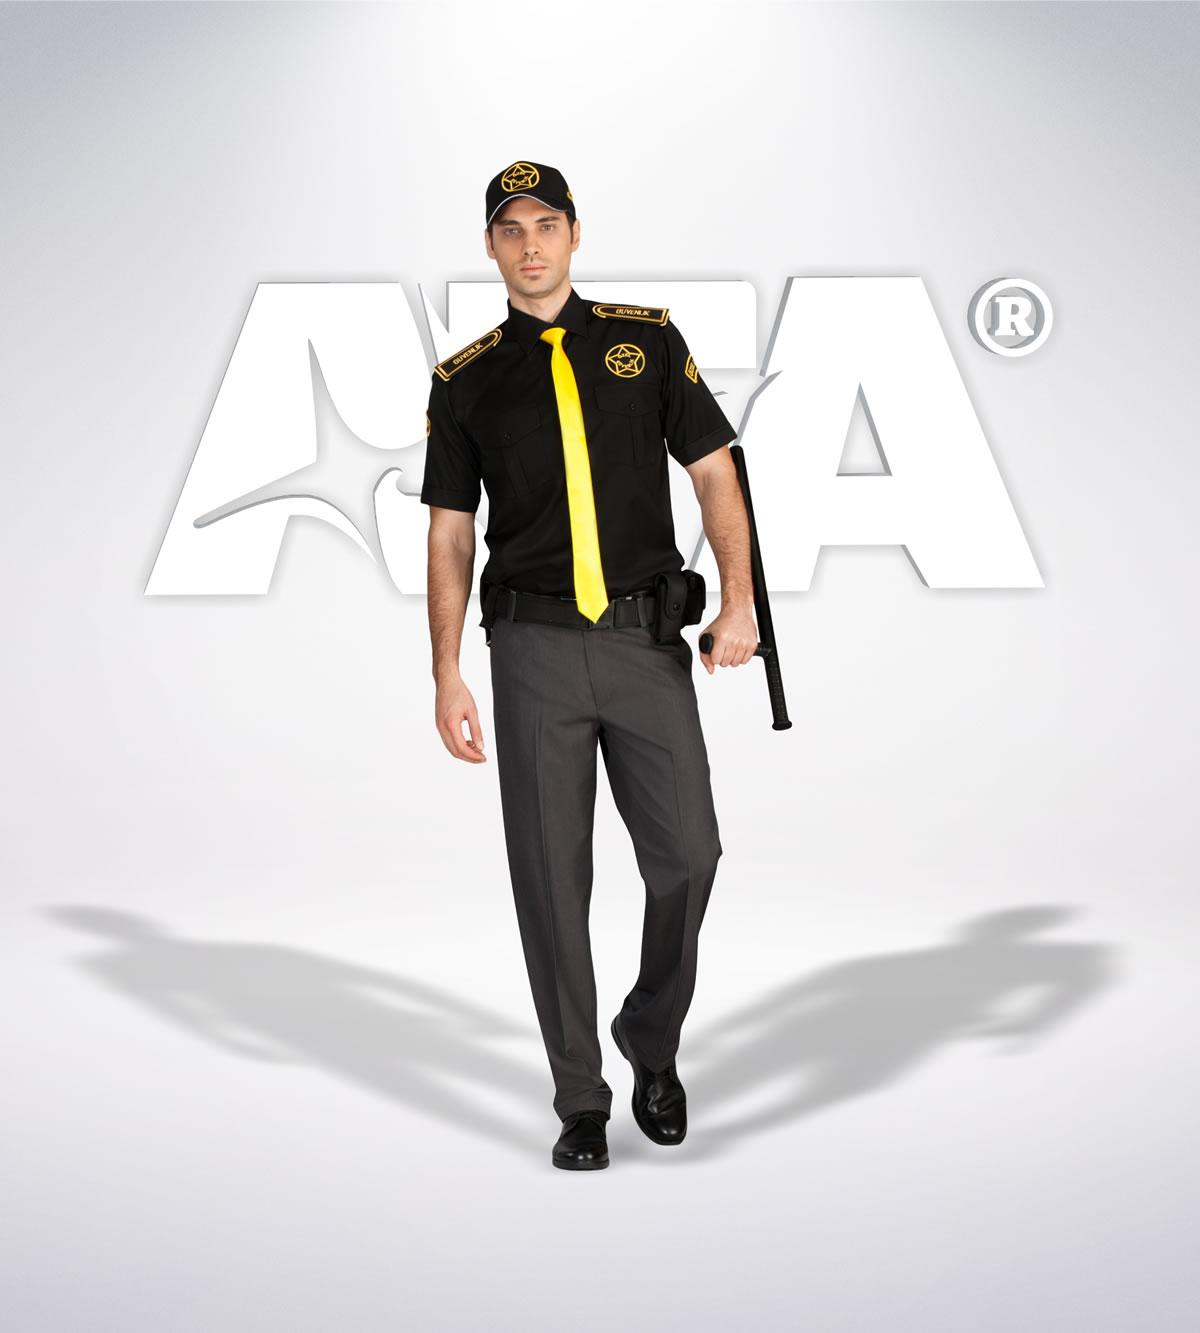 ATA 132 - Pantolon yazlık - gömlek yazlık-kışlık - aksesuar - güvenlik elbiseleri | güvenlik üniformaları | güvenlik kıyafetleri